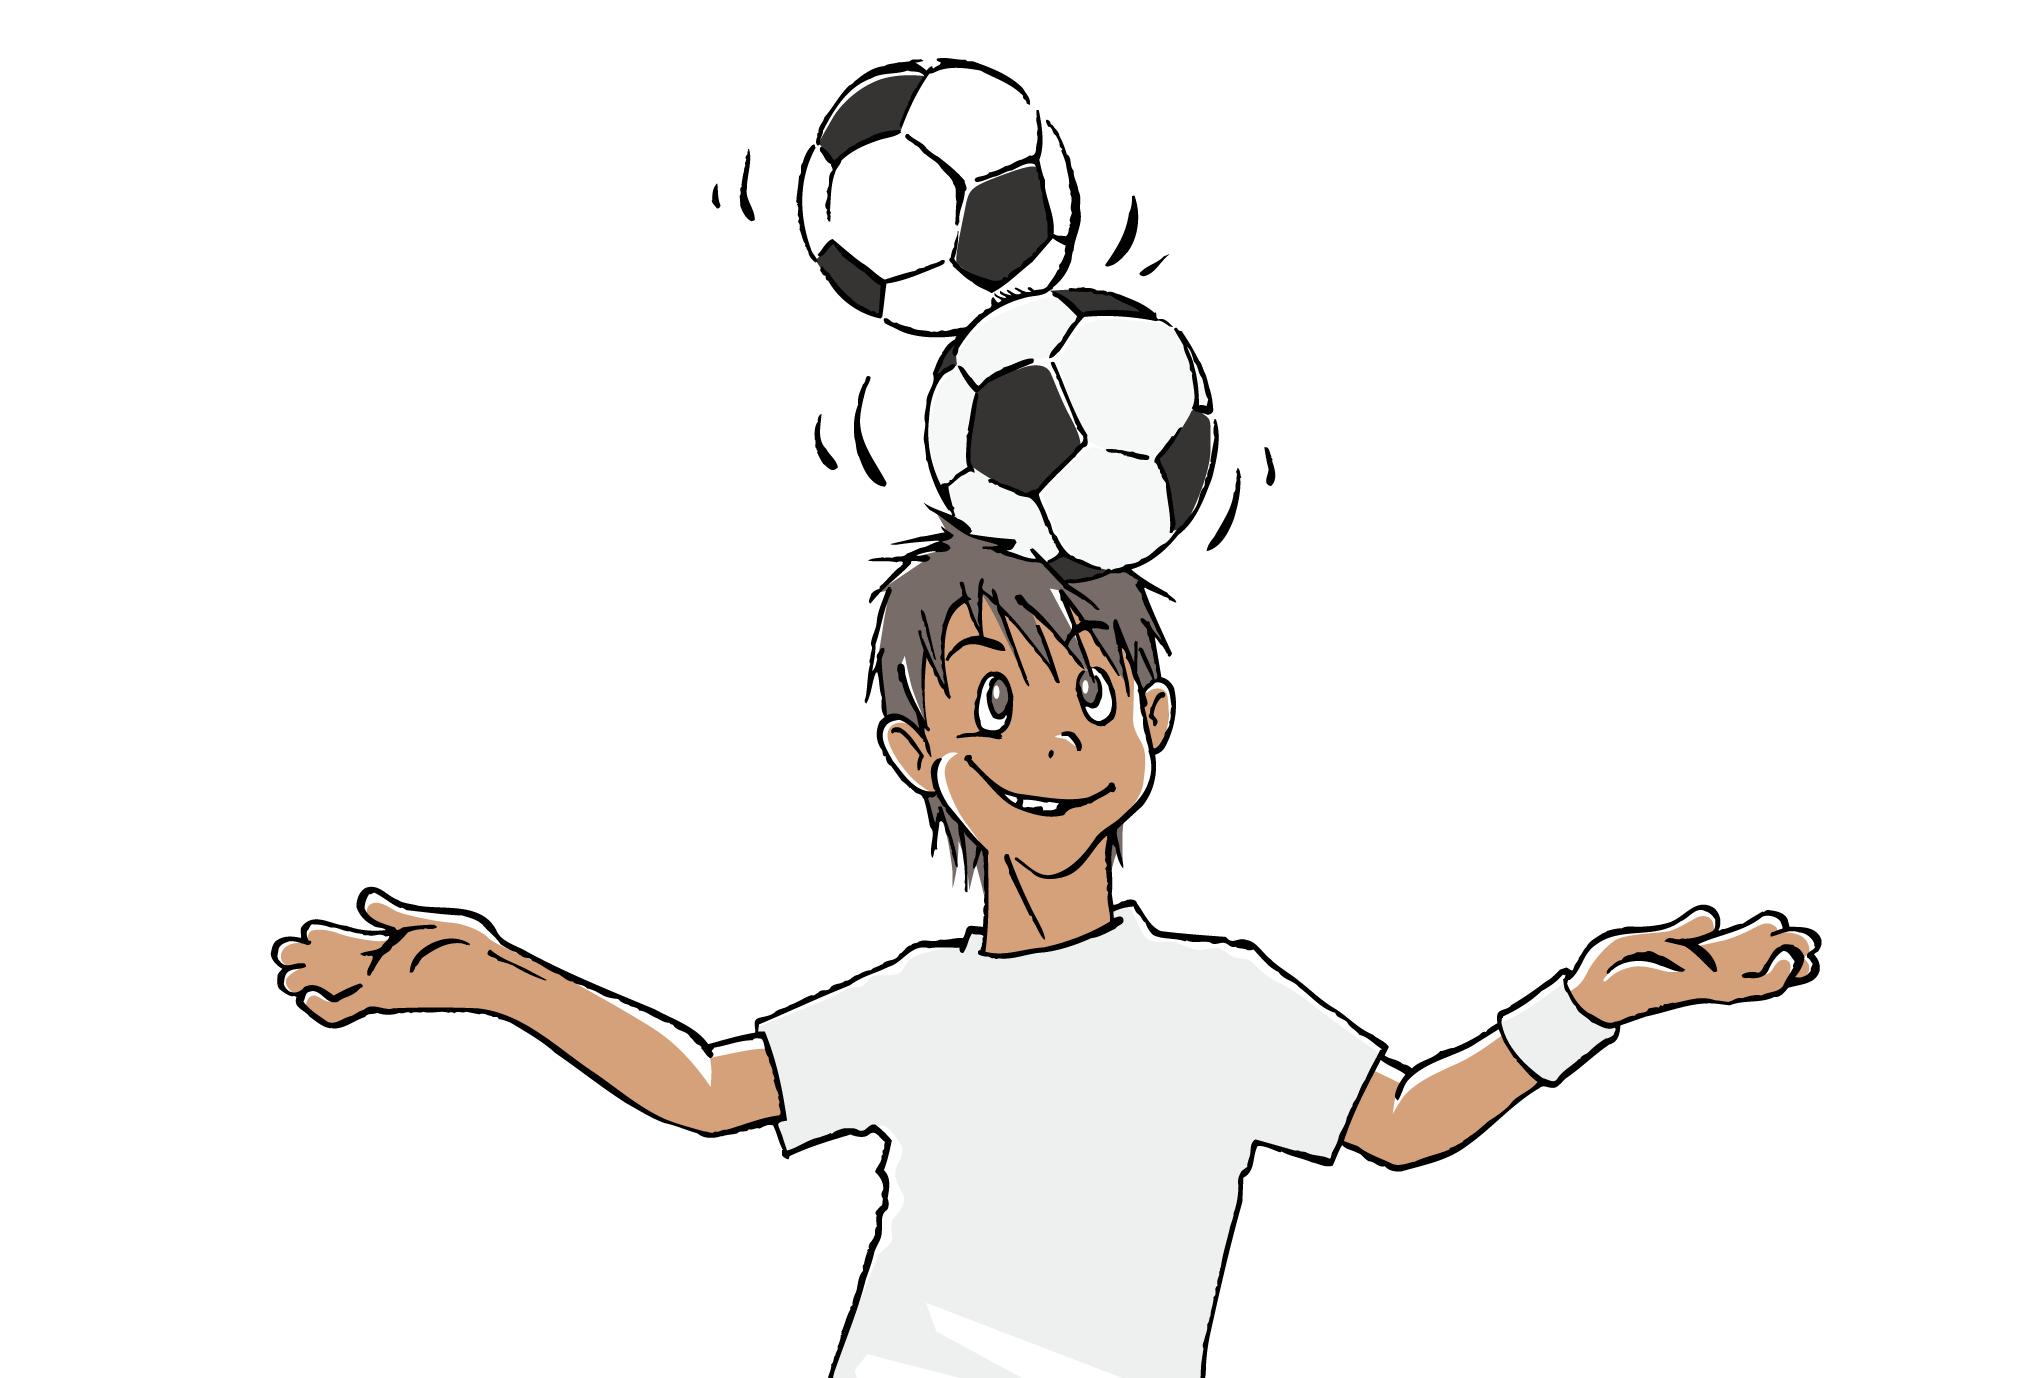 ポストカード27:サッカー少年のダウンロード画像